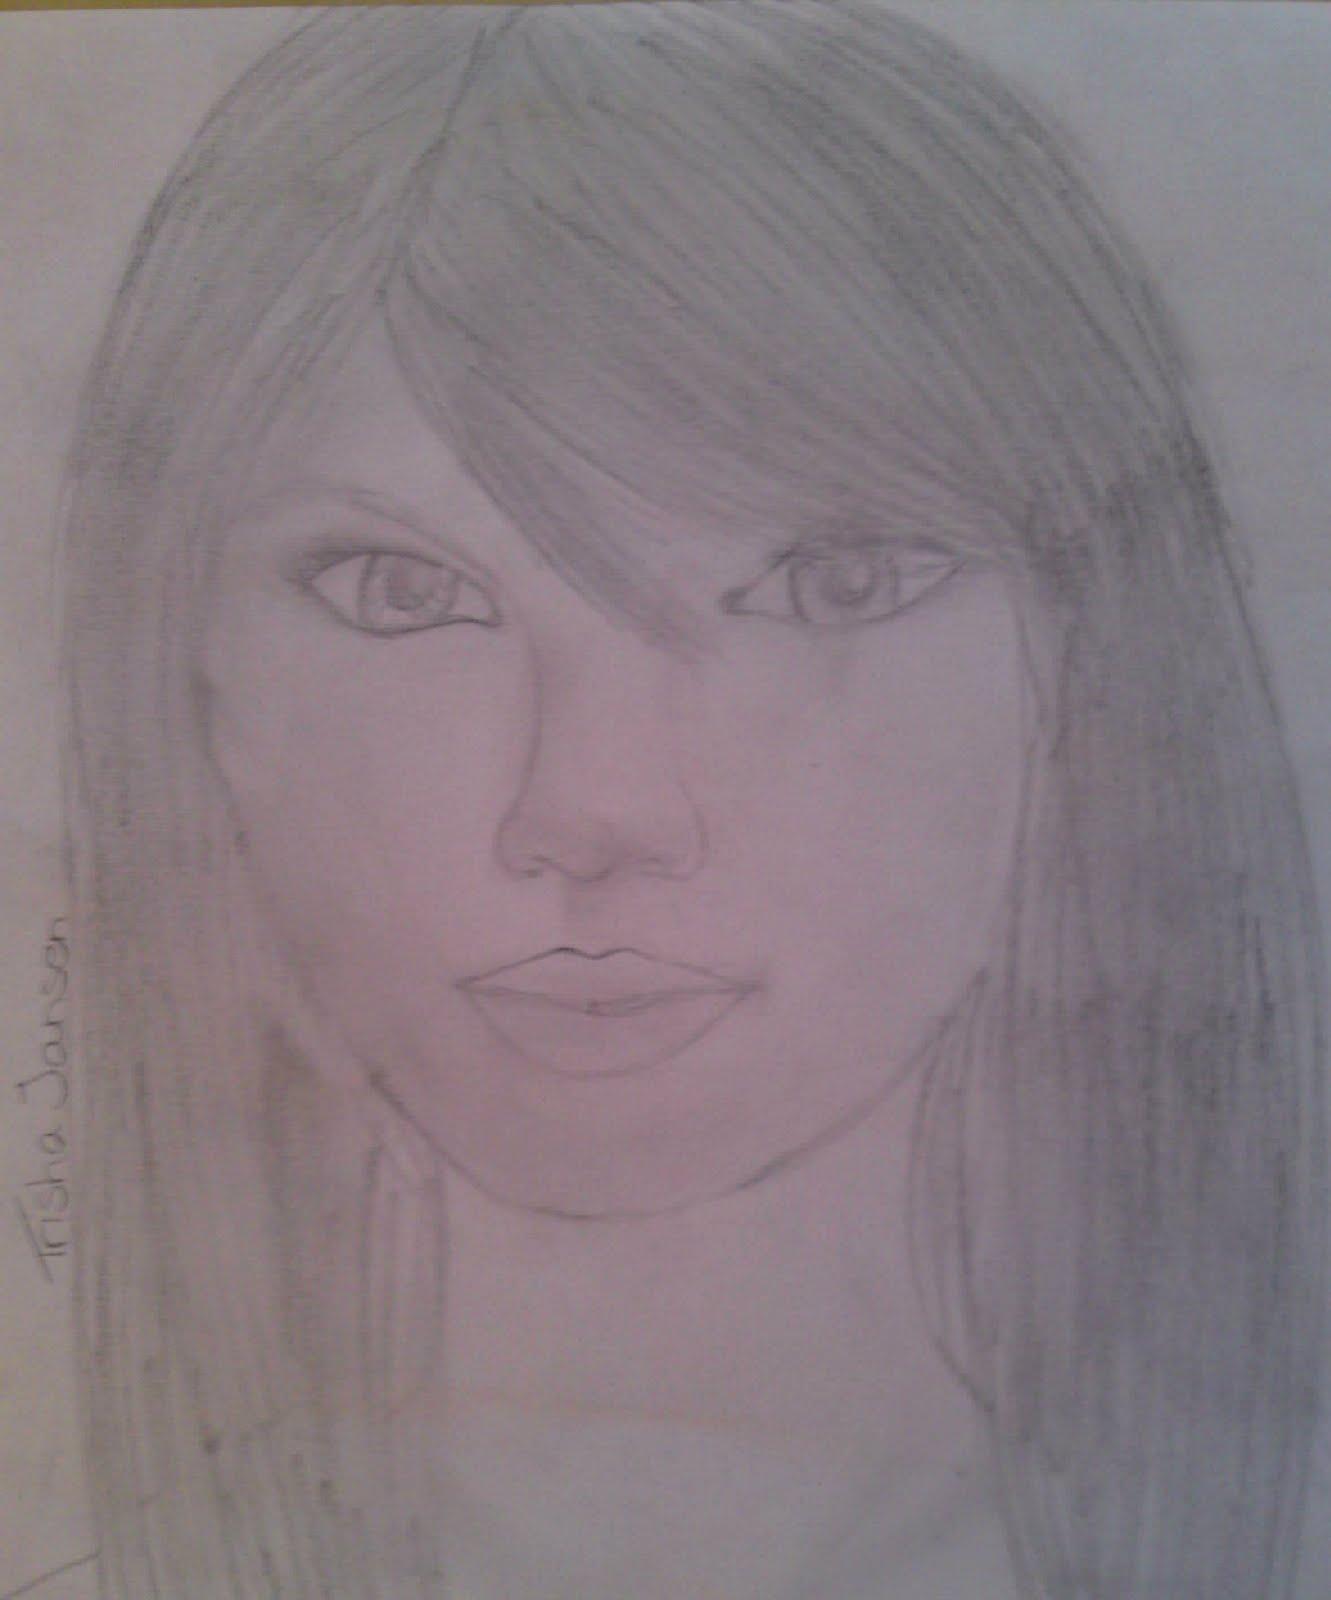 http://4.bp.blogspot.com/-ZEKErsSRAdQ/TfipYxCWMGI/AAAAAAAAAAM/zW0UdMsEoQY/s1600/Taylor+Swift..jpg